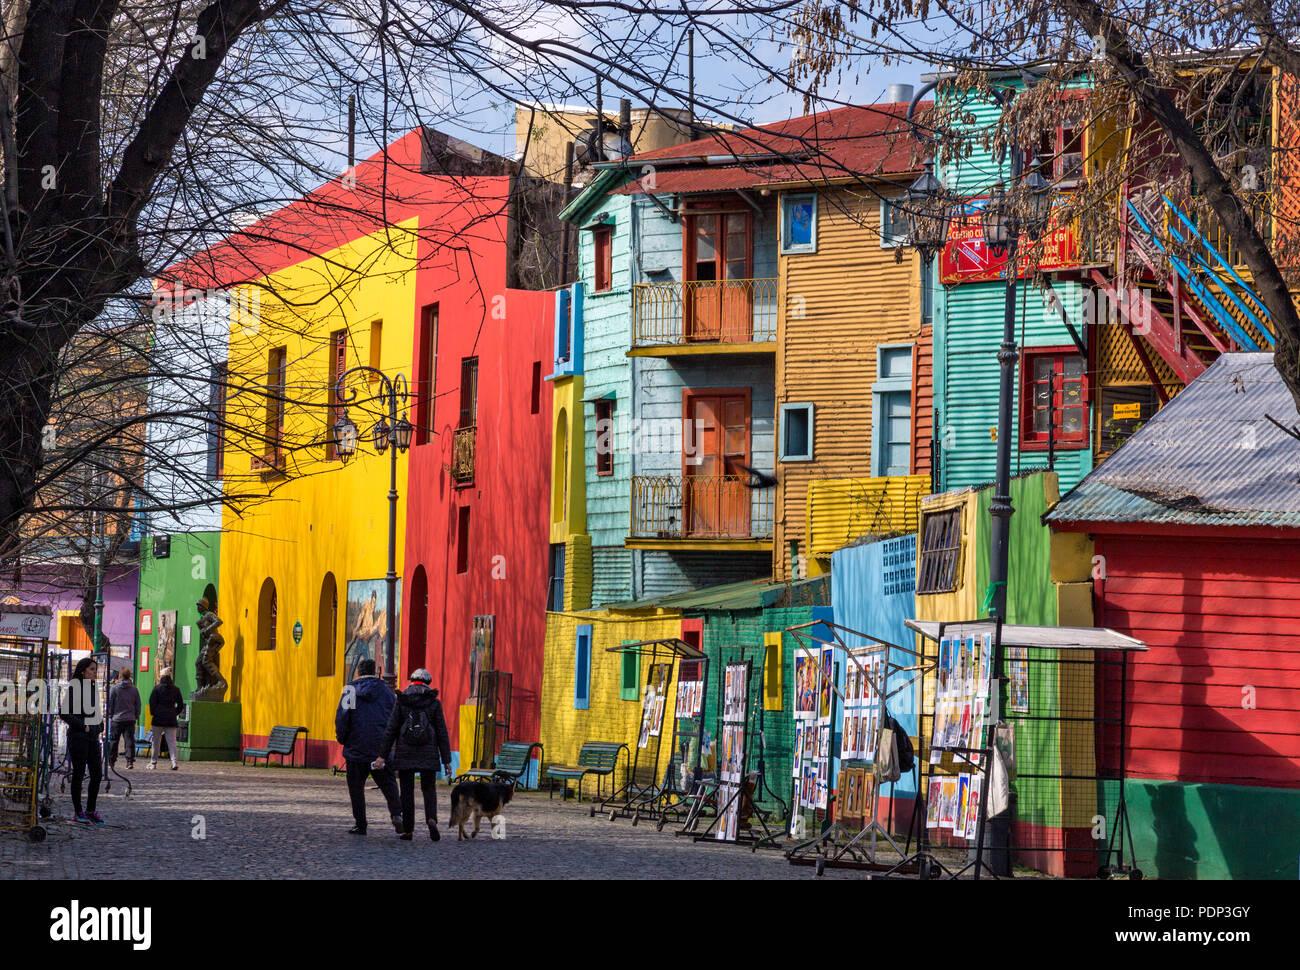 Caminito. La Boca, Buenos Aires, Argentina Imagen De Stock